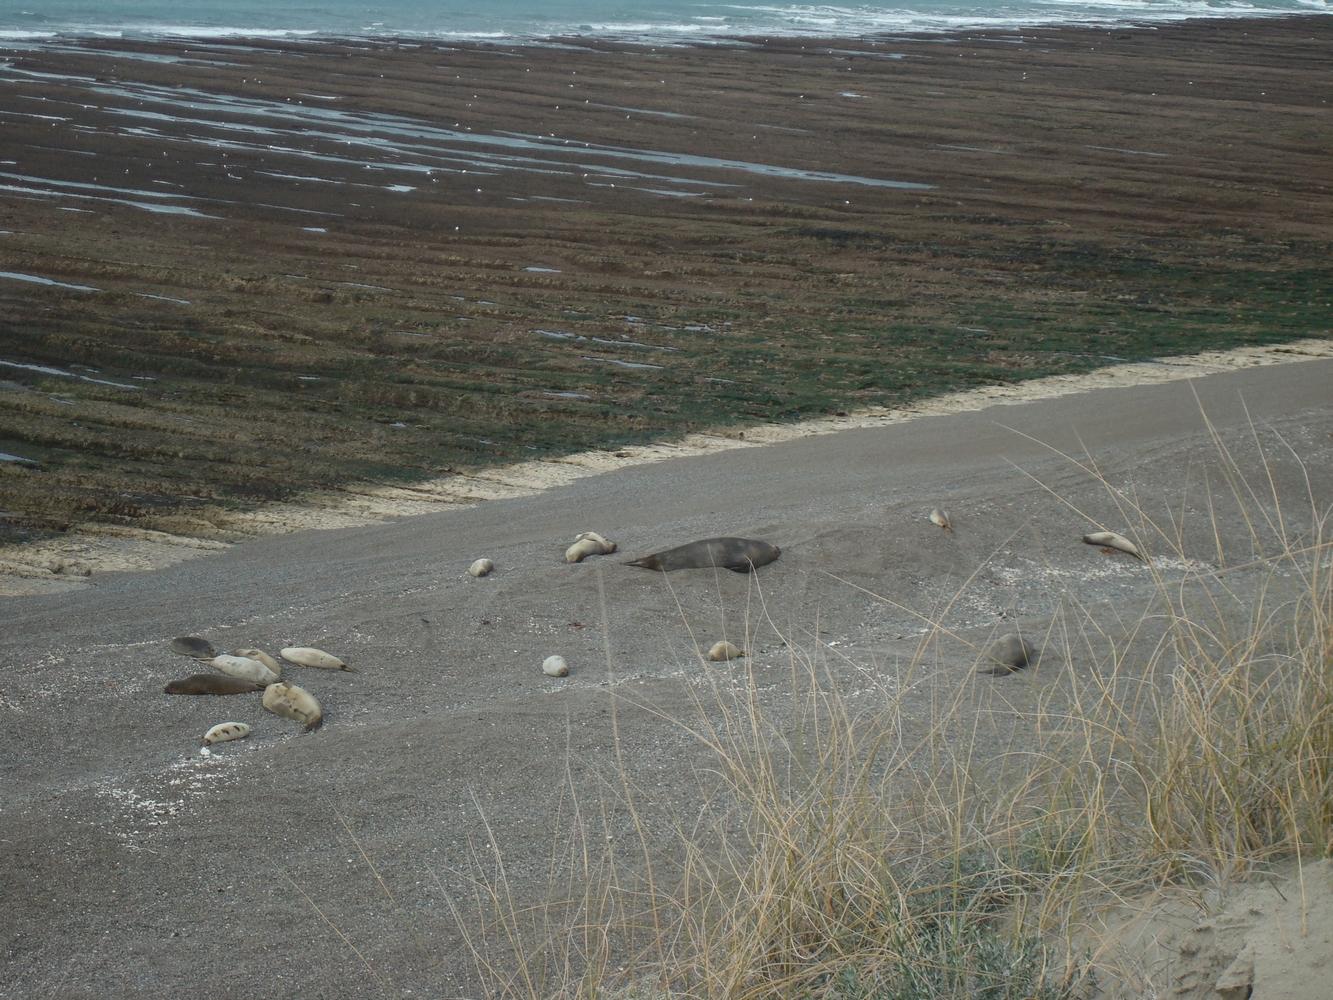 Eléphants de mer - Punta Delgada